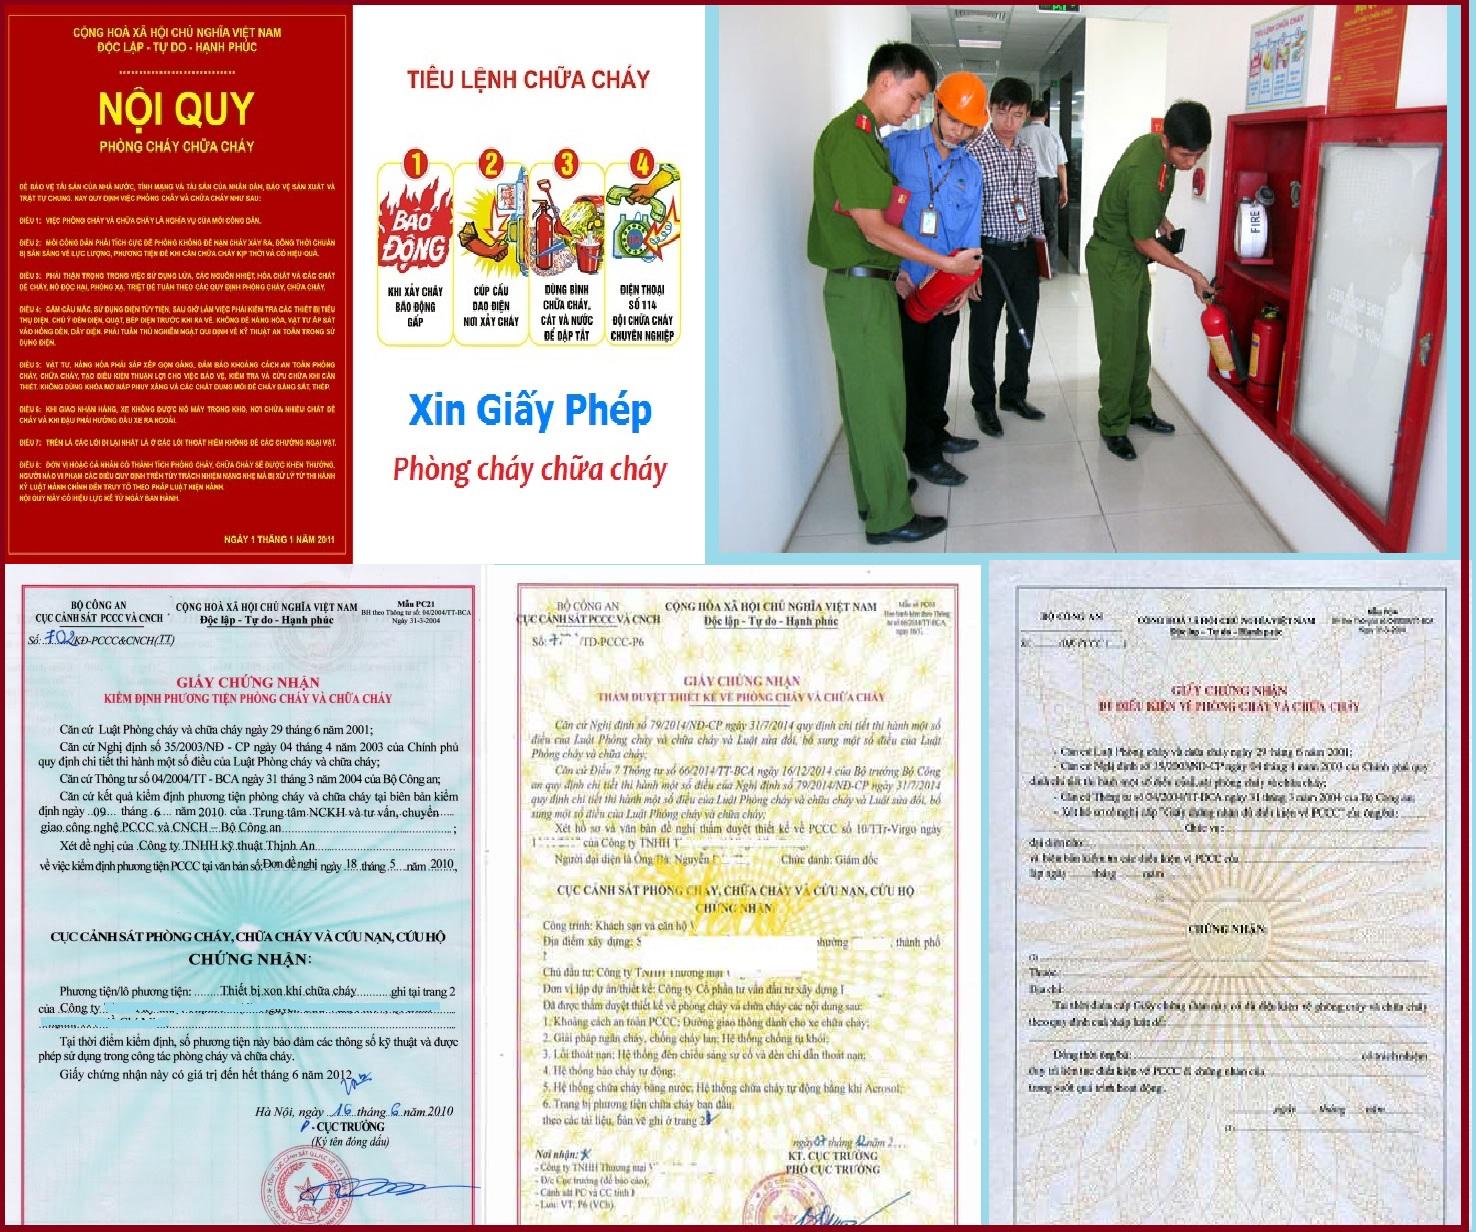 Những điều kiện chung để cấp giấy phép phòng cháy chữa cháy